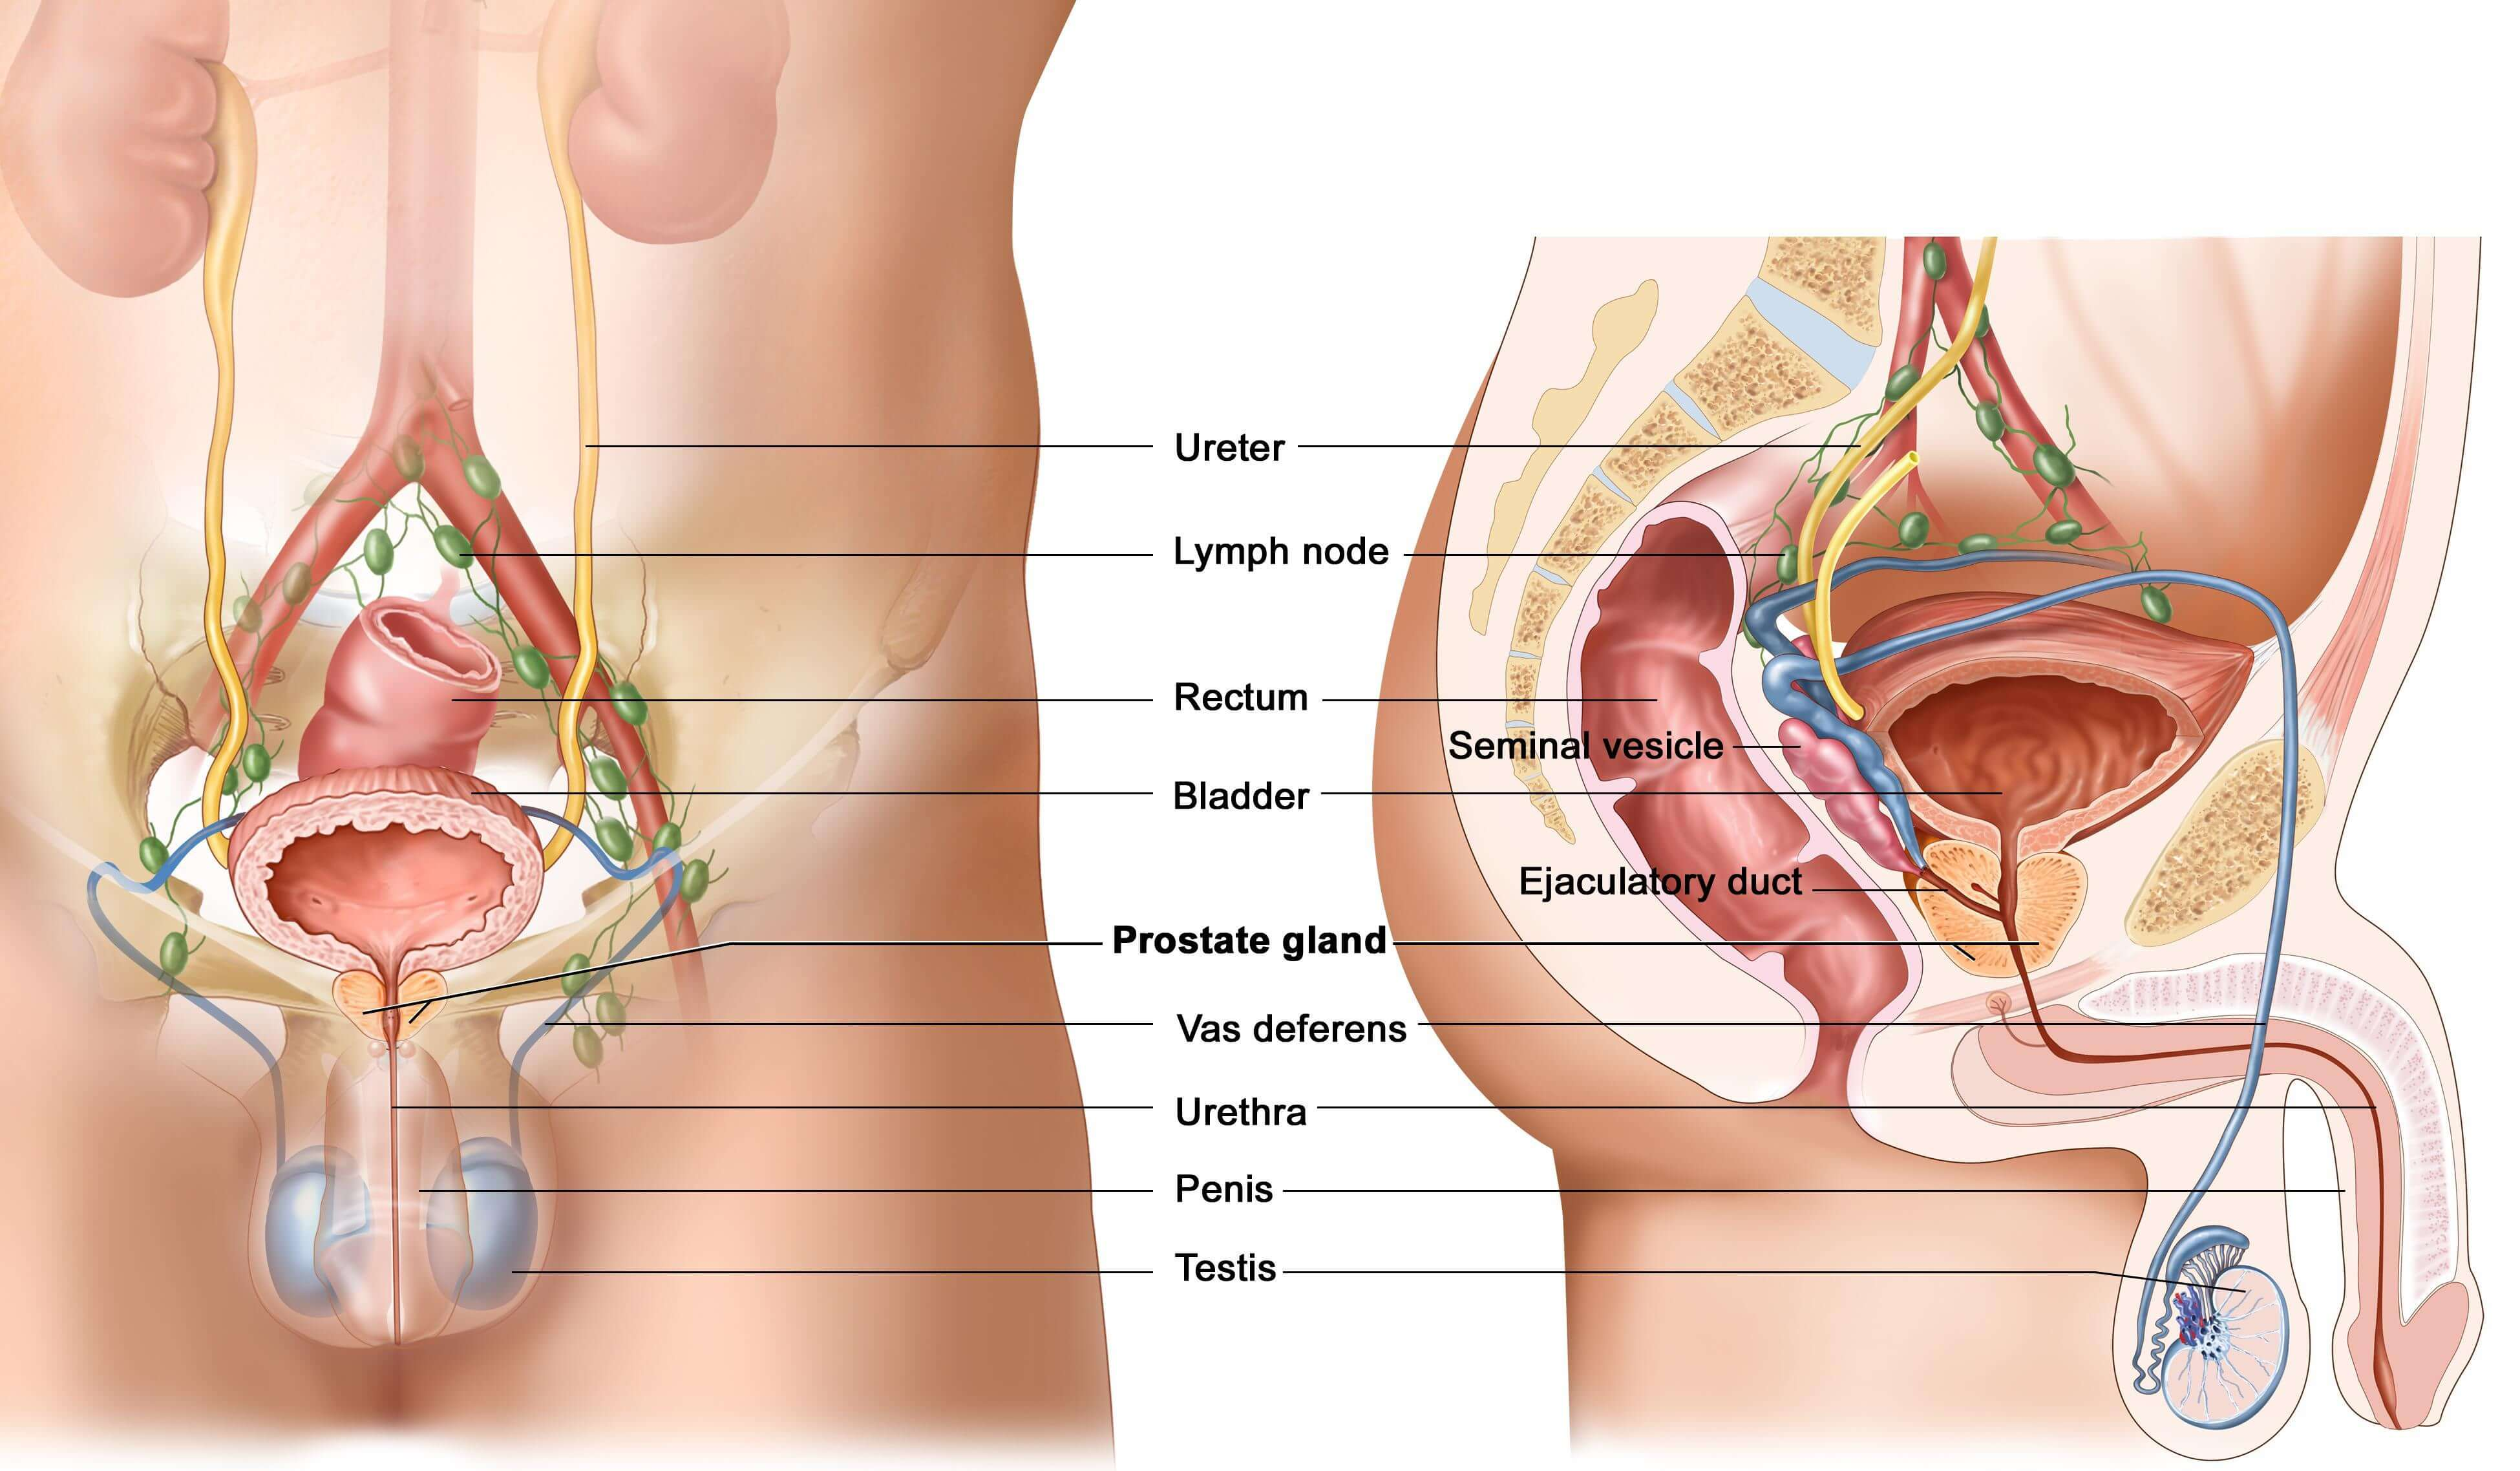 Уреалпазма у мужчин: сиптомы и распространение